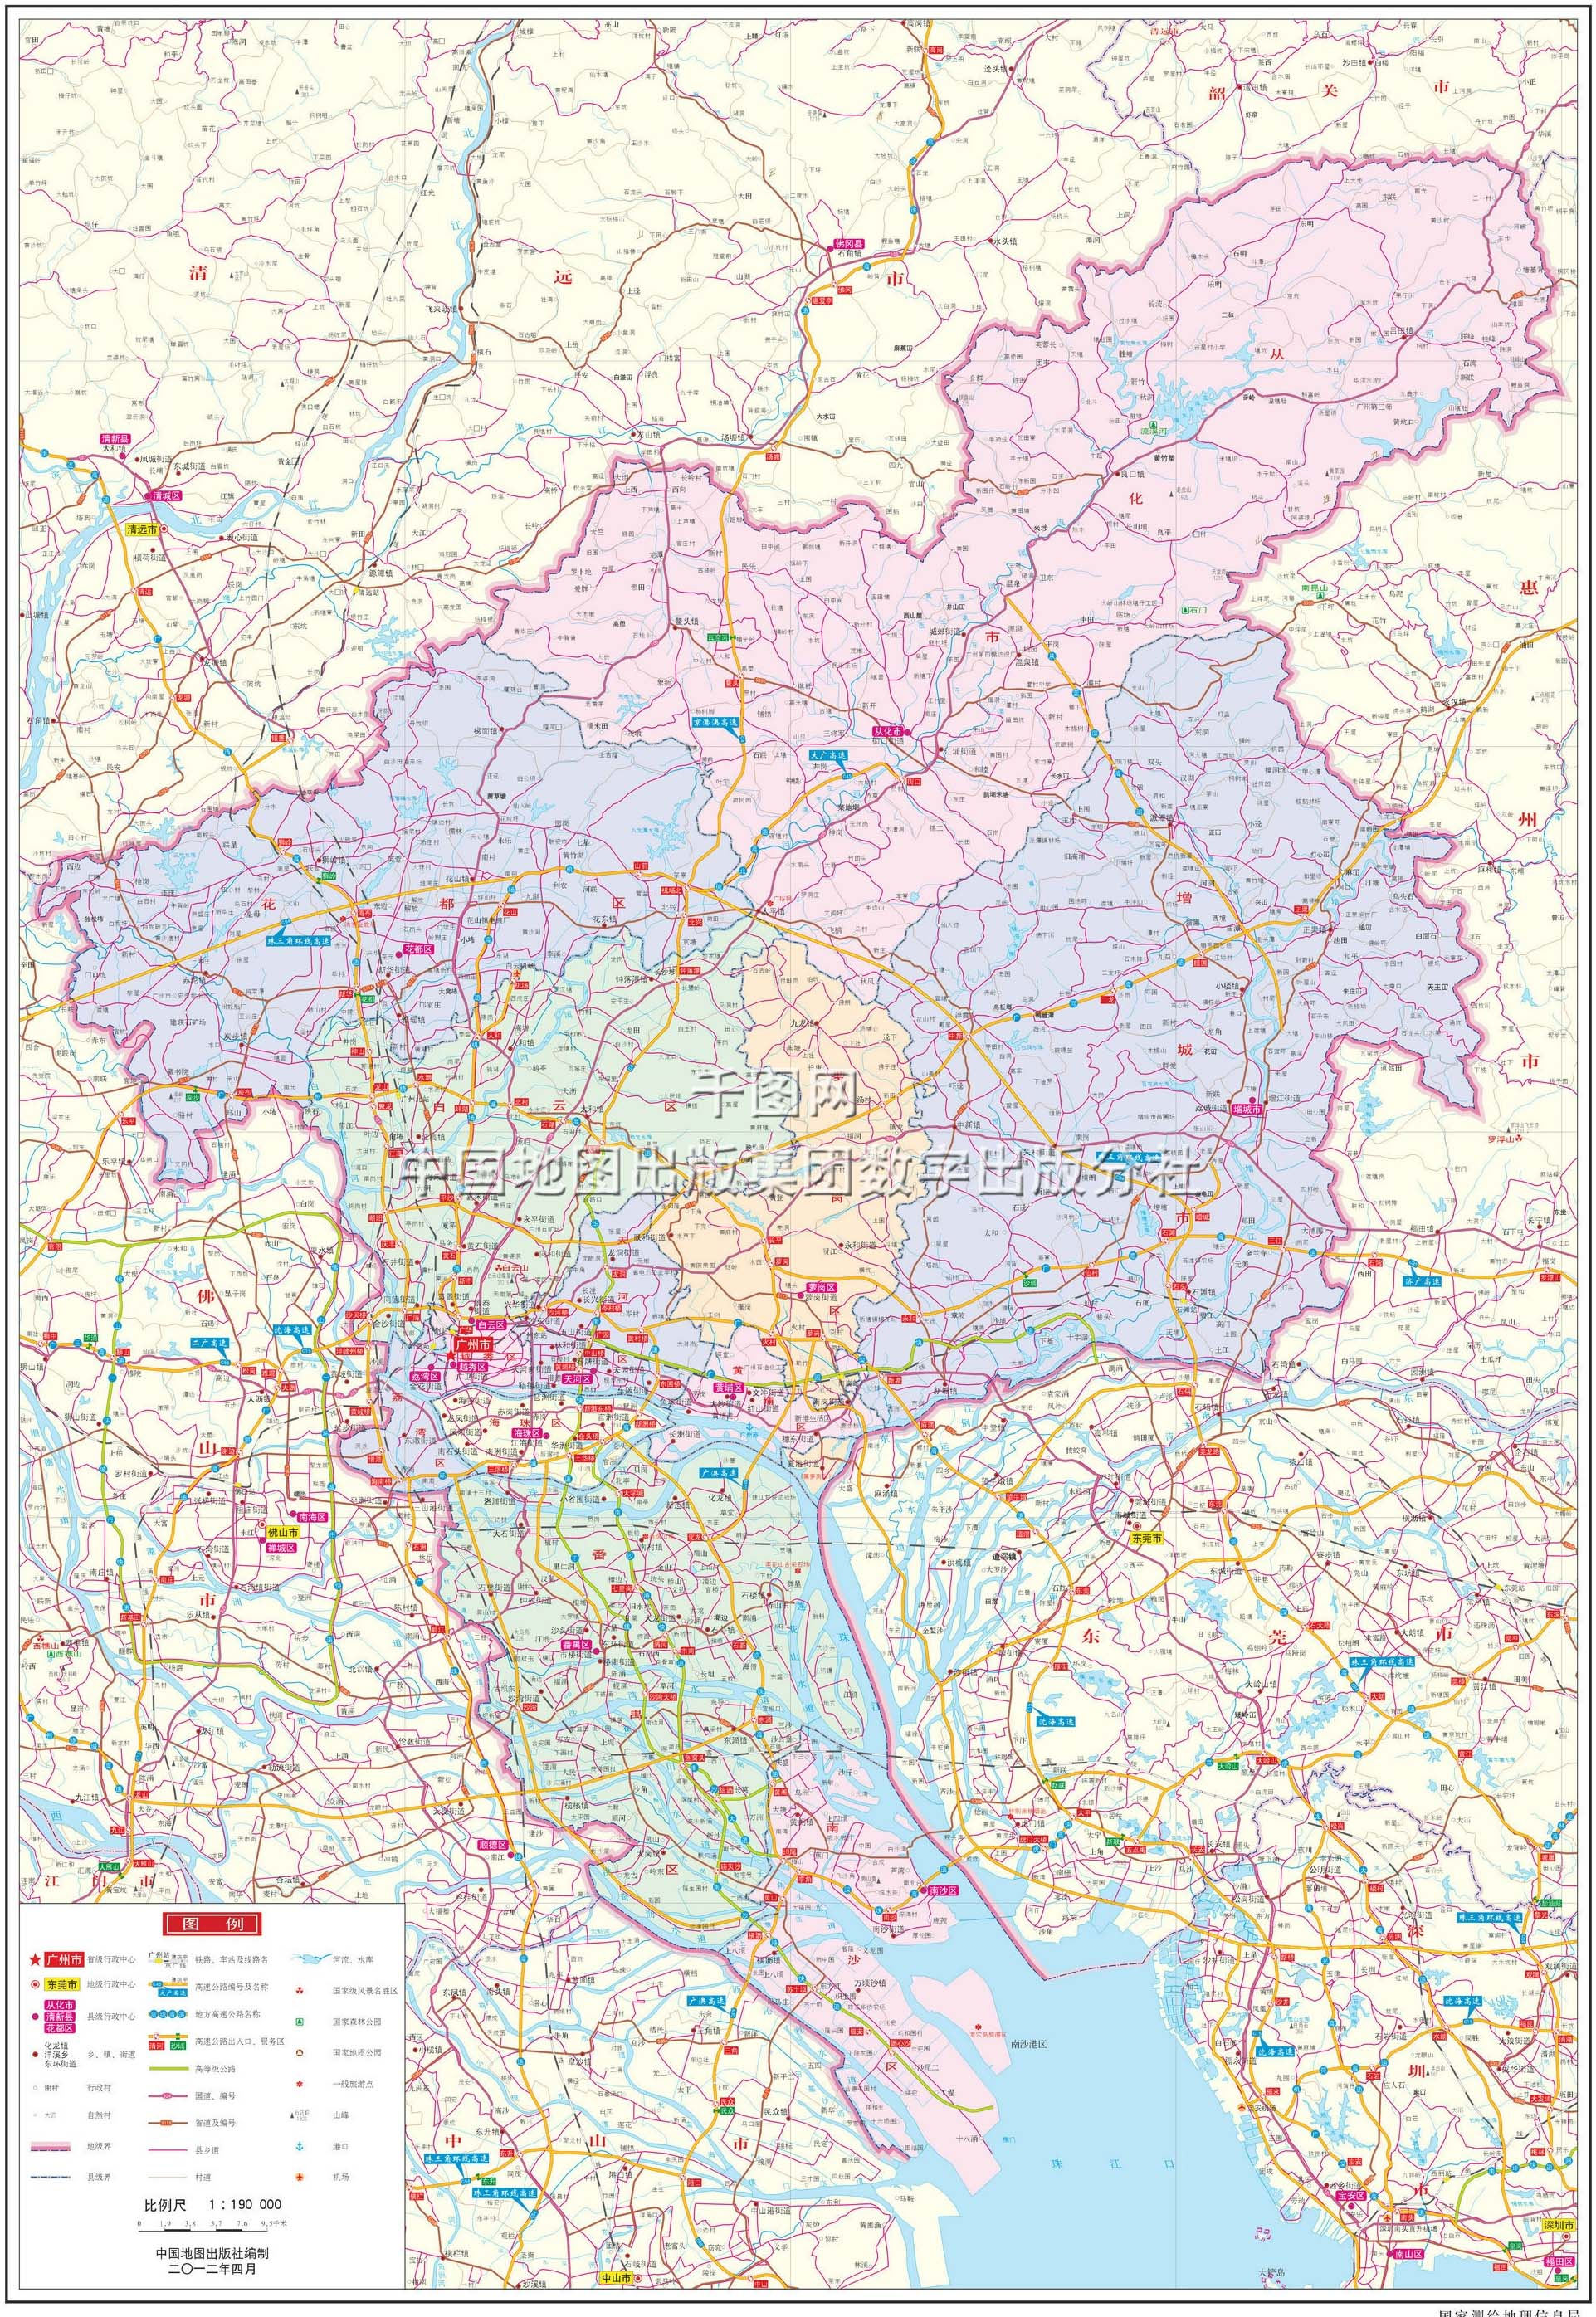 广州市地图高清版